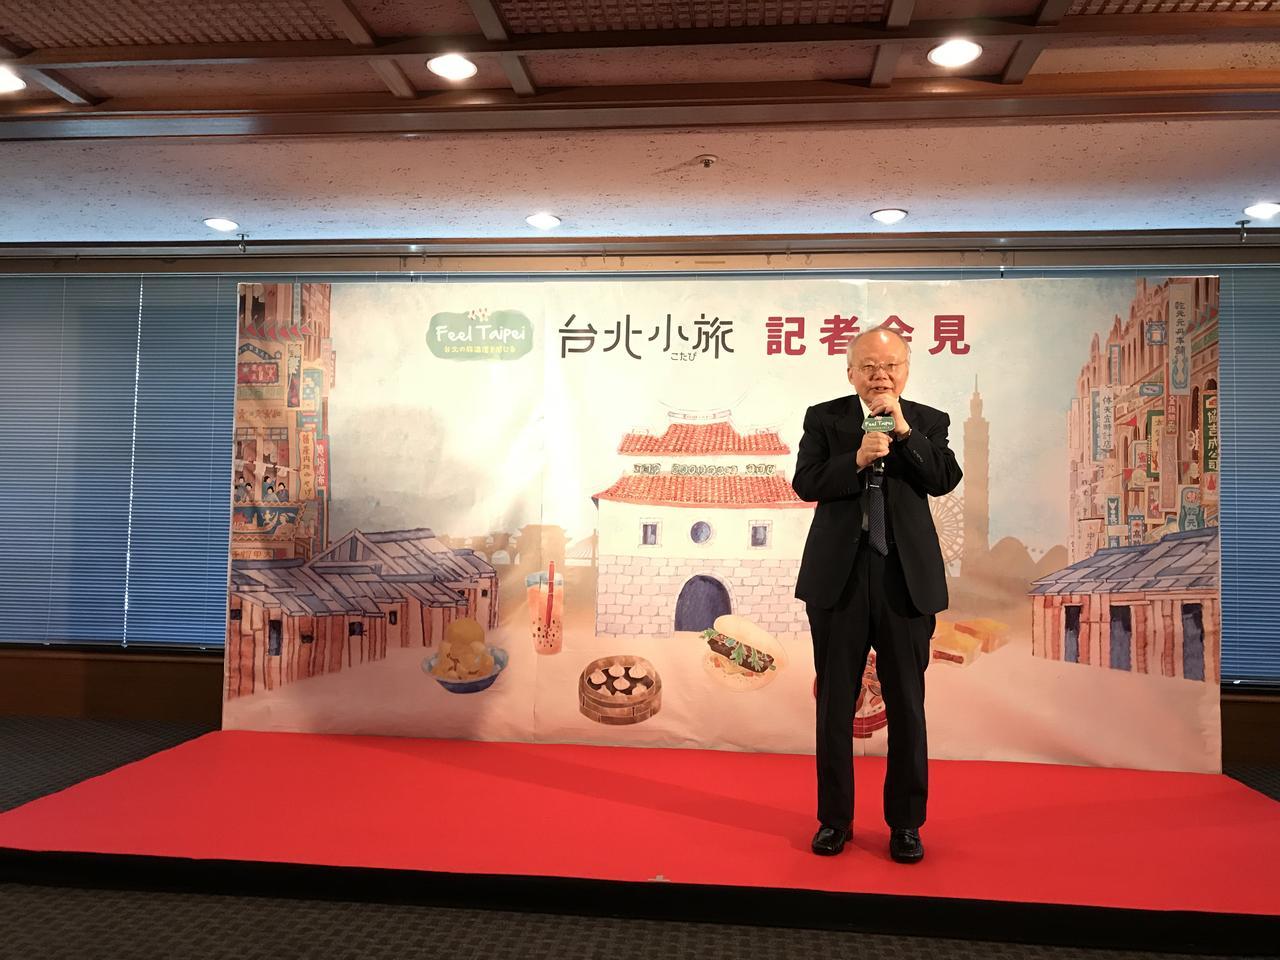 画像1: 加藤和樹さんが台北観光大使に就任!「2018 Feel Taipei ~台北の旅温度を感じる~」記者会見